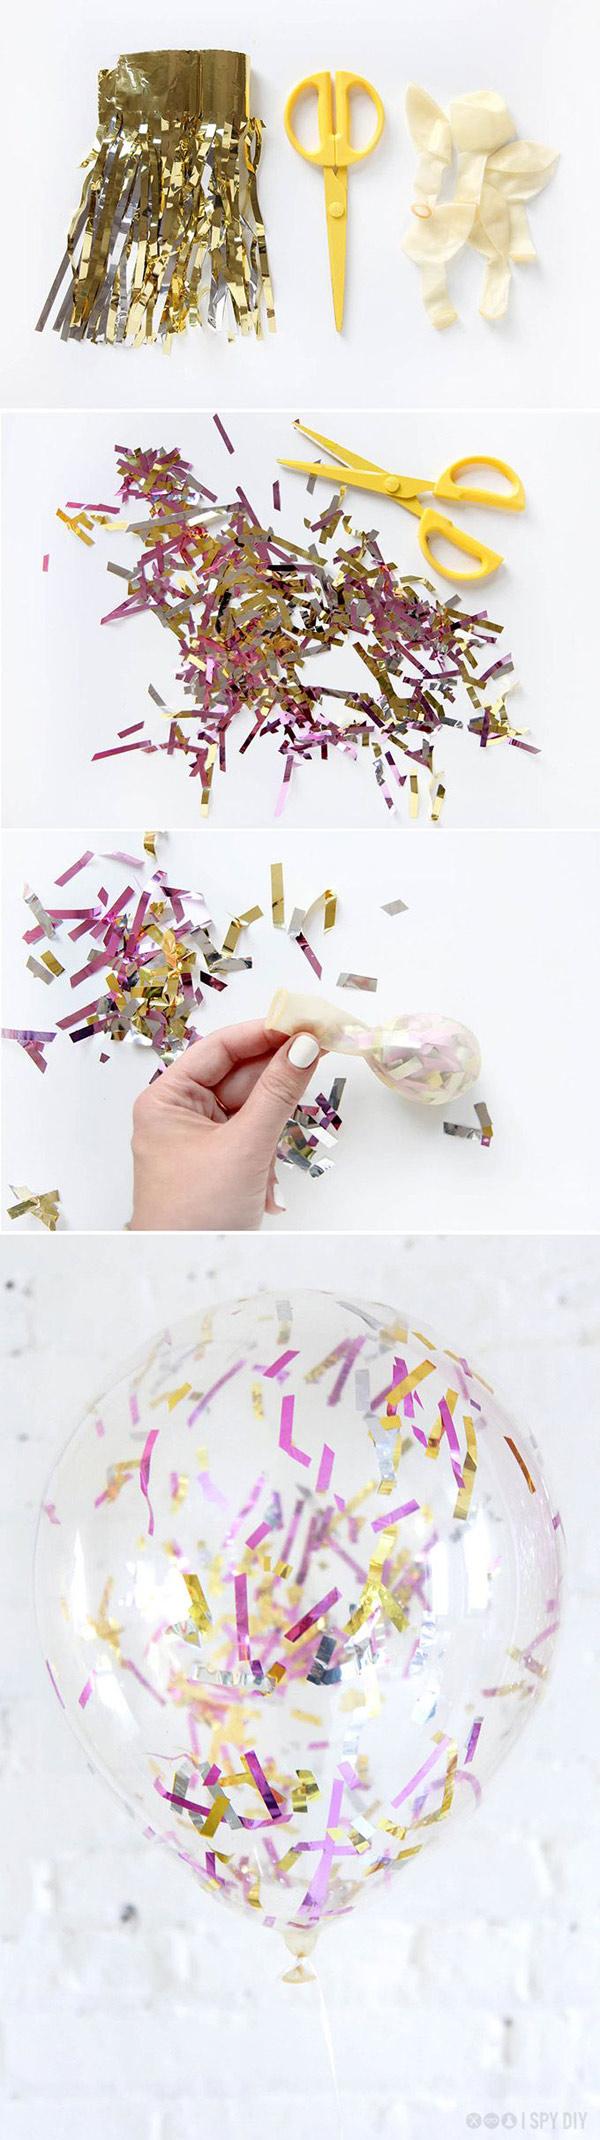 DIY decoracion globos fiestas